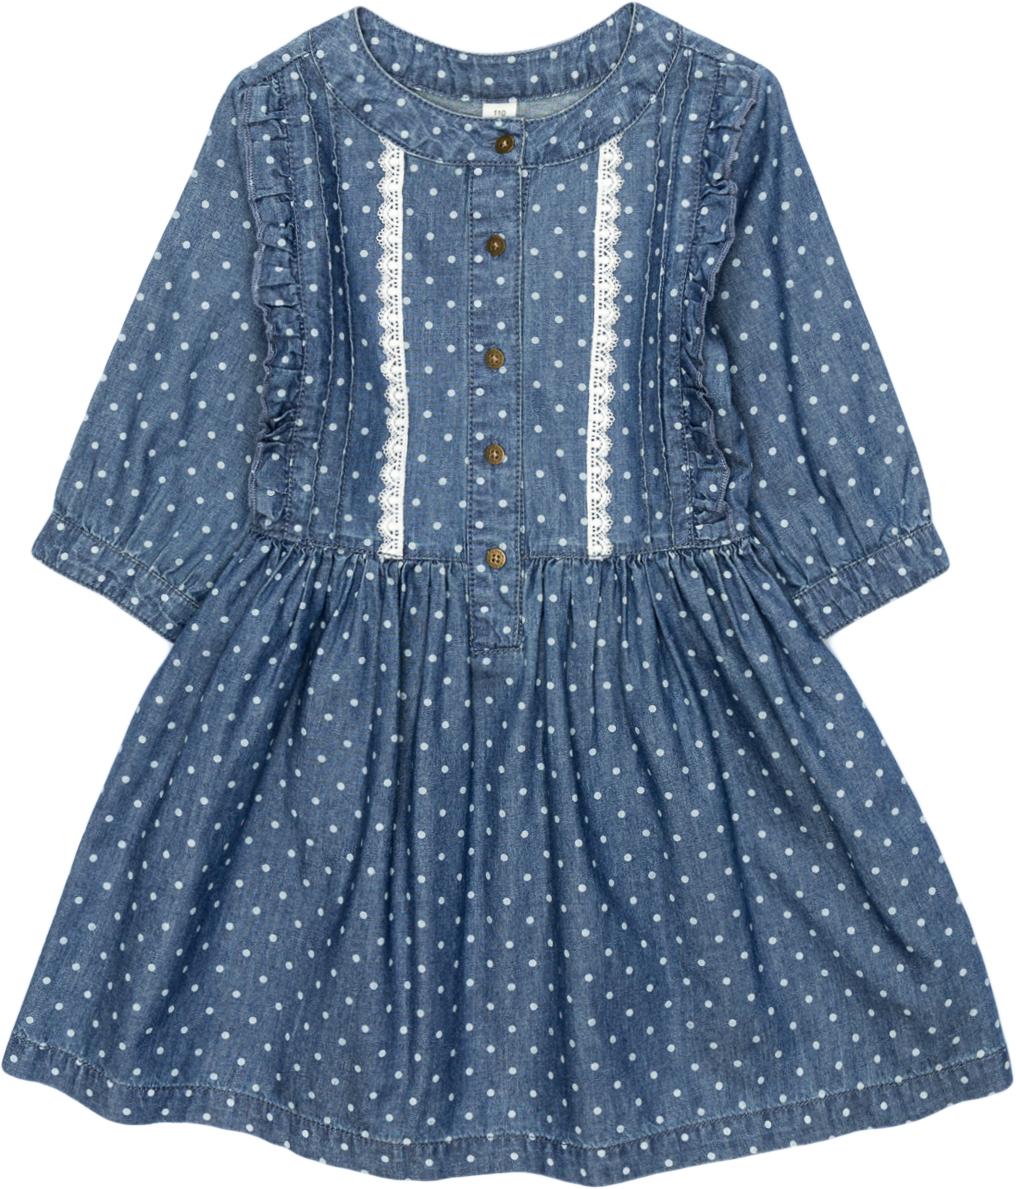 Платье для девочки Acoola Elf, цвет: синий. 20220200227_500. Размер 10420220200227_500Джинсовое платье в горошек, декорированное защипами, оборками и контрастным узким кружевом вдоль планки. Модель имеет приталенный силуэт, круглый вырез горловины, короткую планку с застежкой на пуговицы спереди. Рукава длиной три четверти с манжетами на пуговицах. Без подкладки.